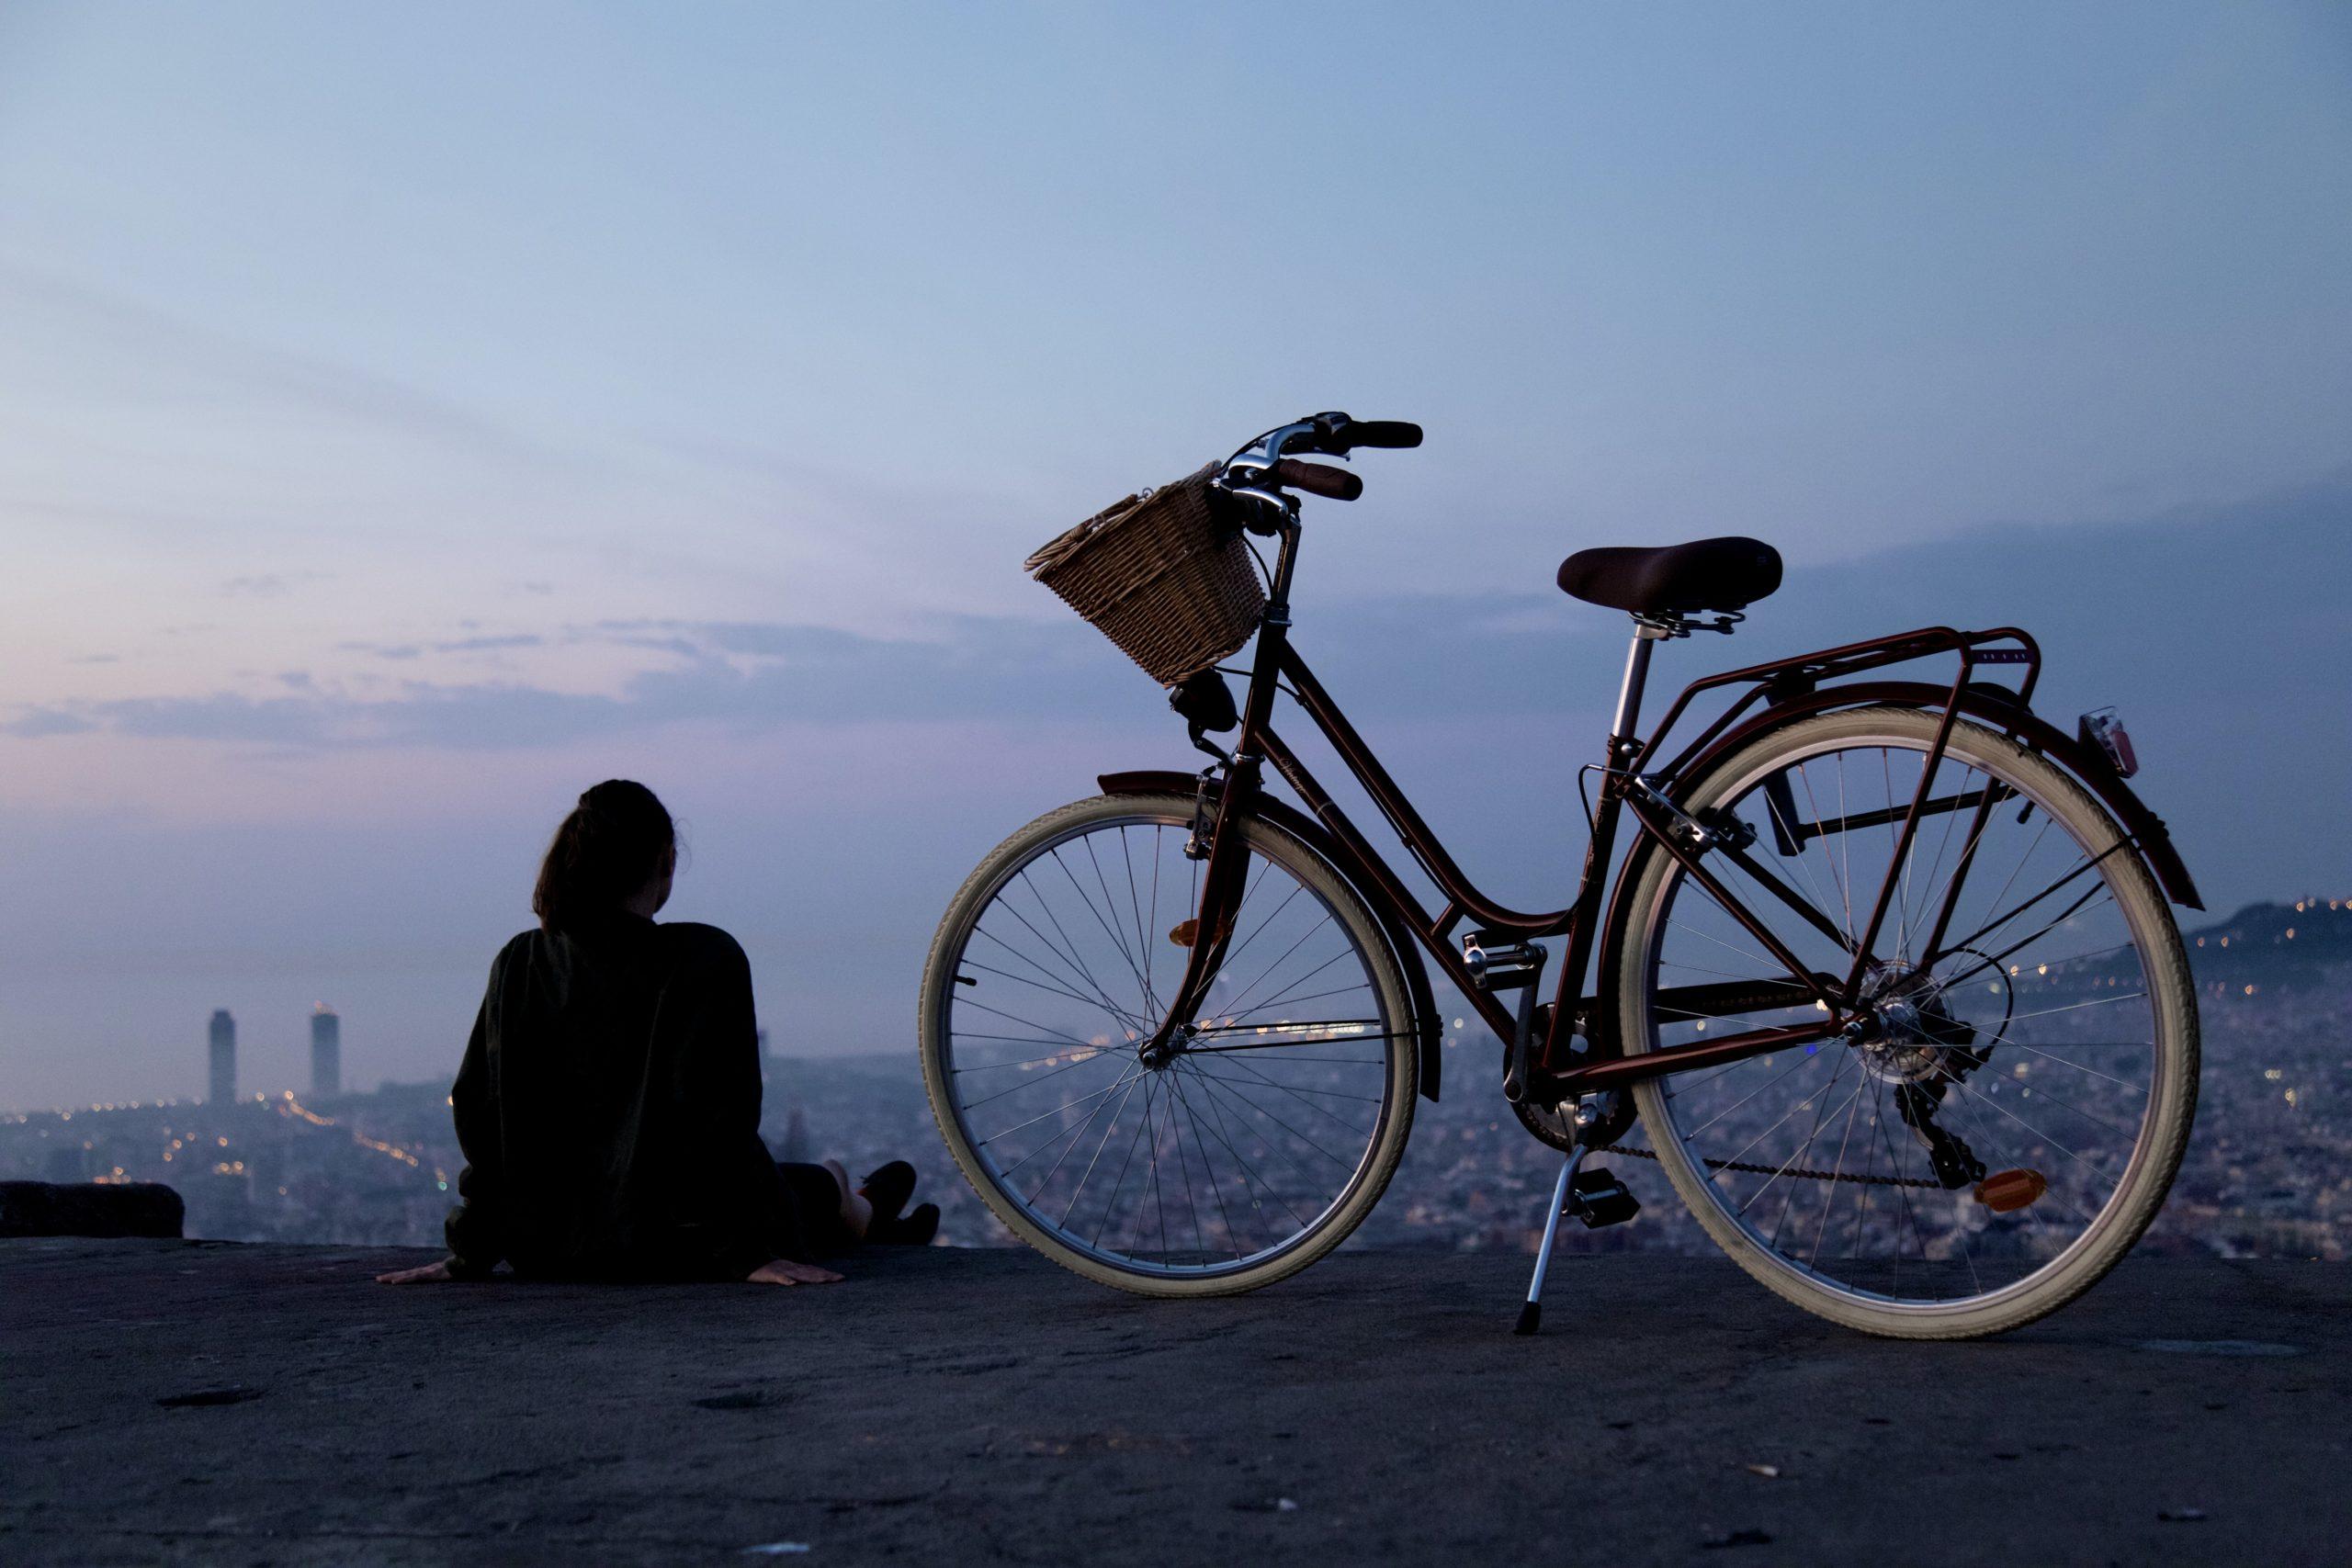 Vélo vacance ecoresponsable